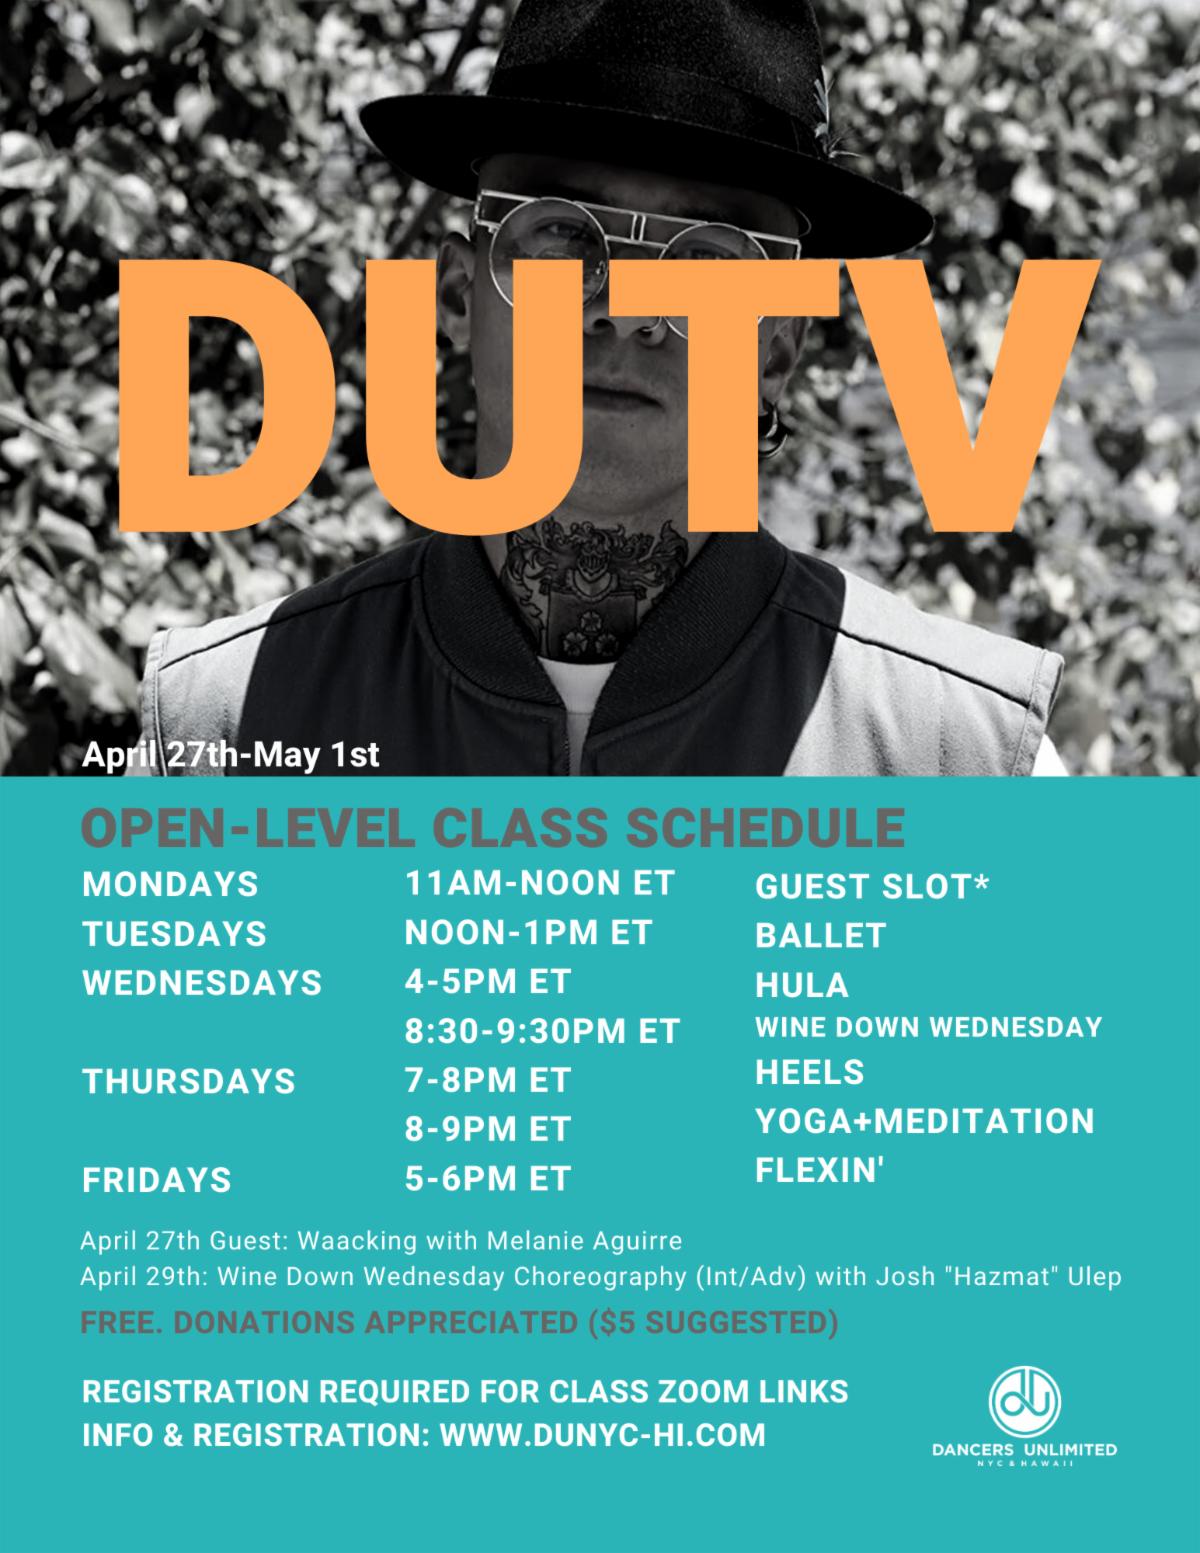 DUTV Virtual Classes